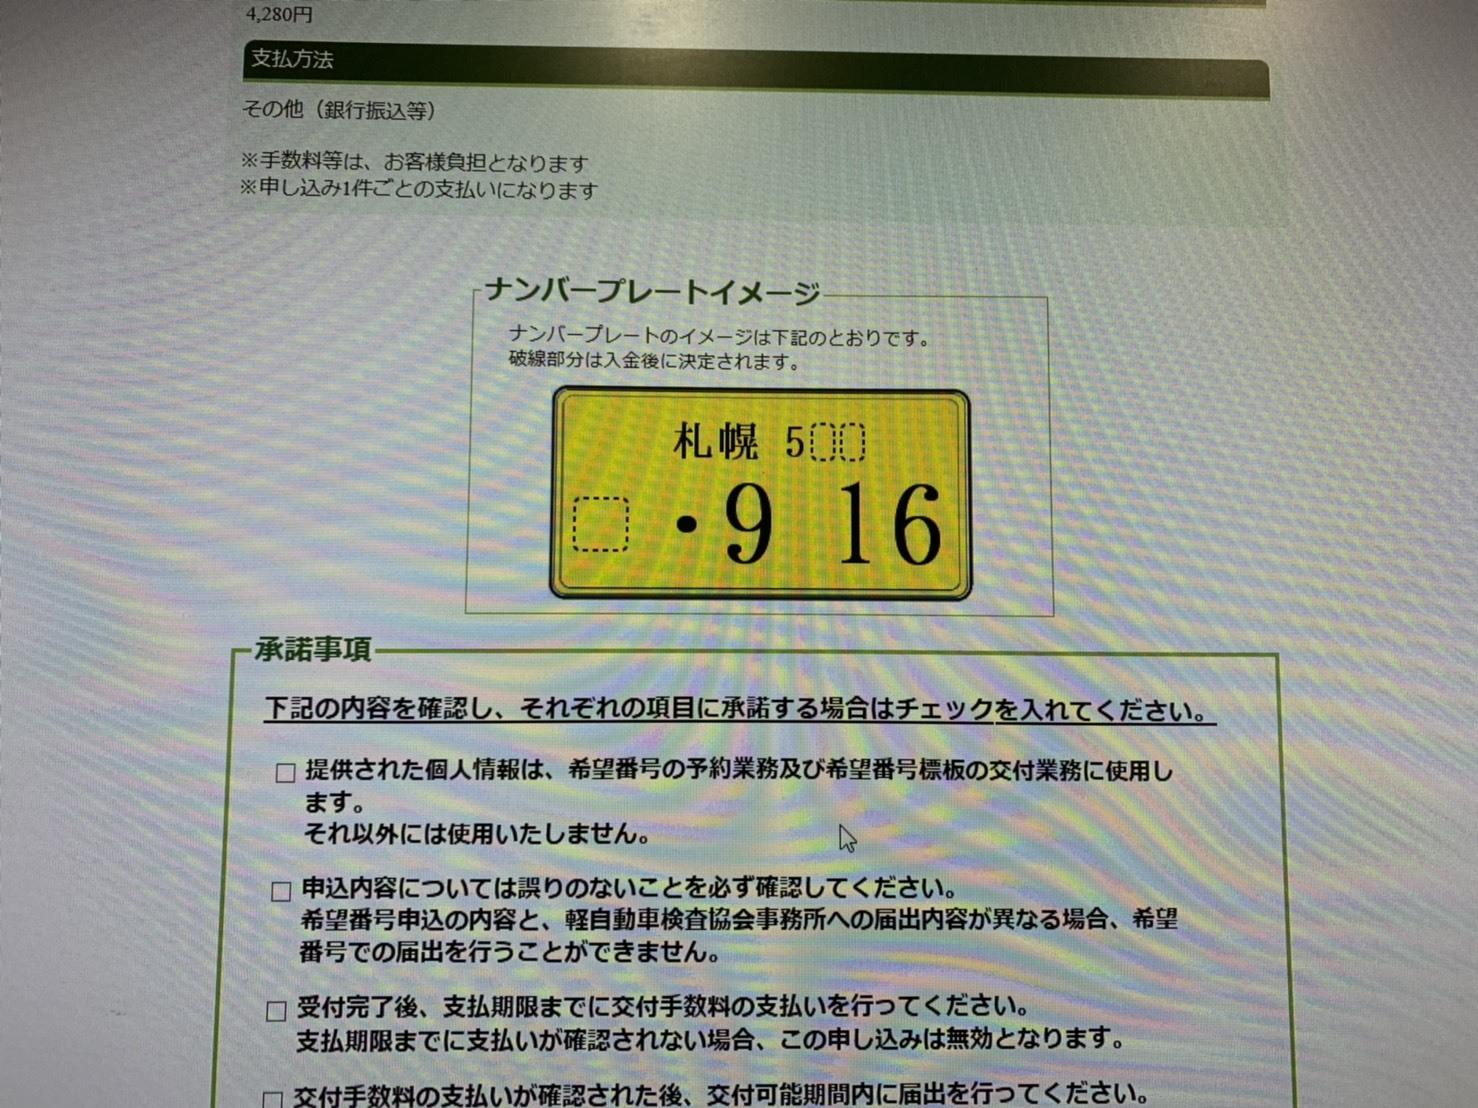 12月6日(金)トミーベースブログ☆カスタムカー☆レクサス♬スバル🎶フーガ♬クラウン🎶フォレスター☆レガシィ♬ローンサポート♬自社ローン_b0127002_16492643.jpg